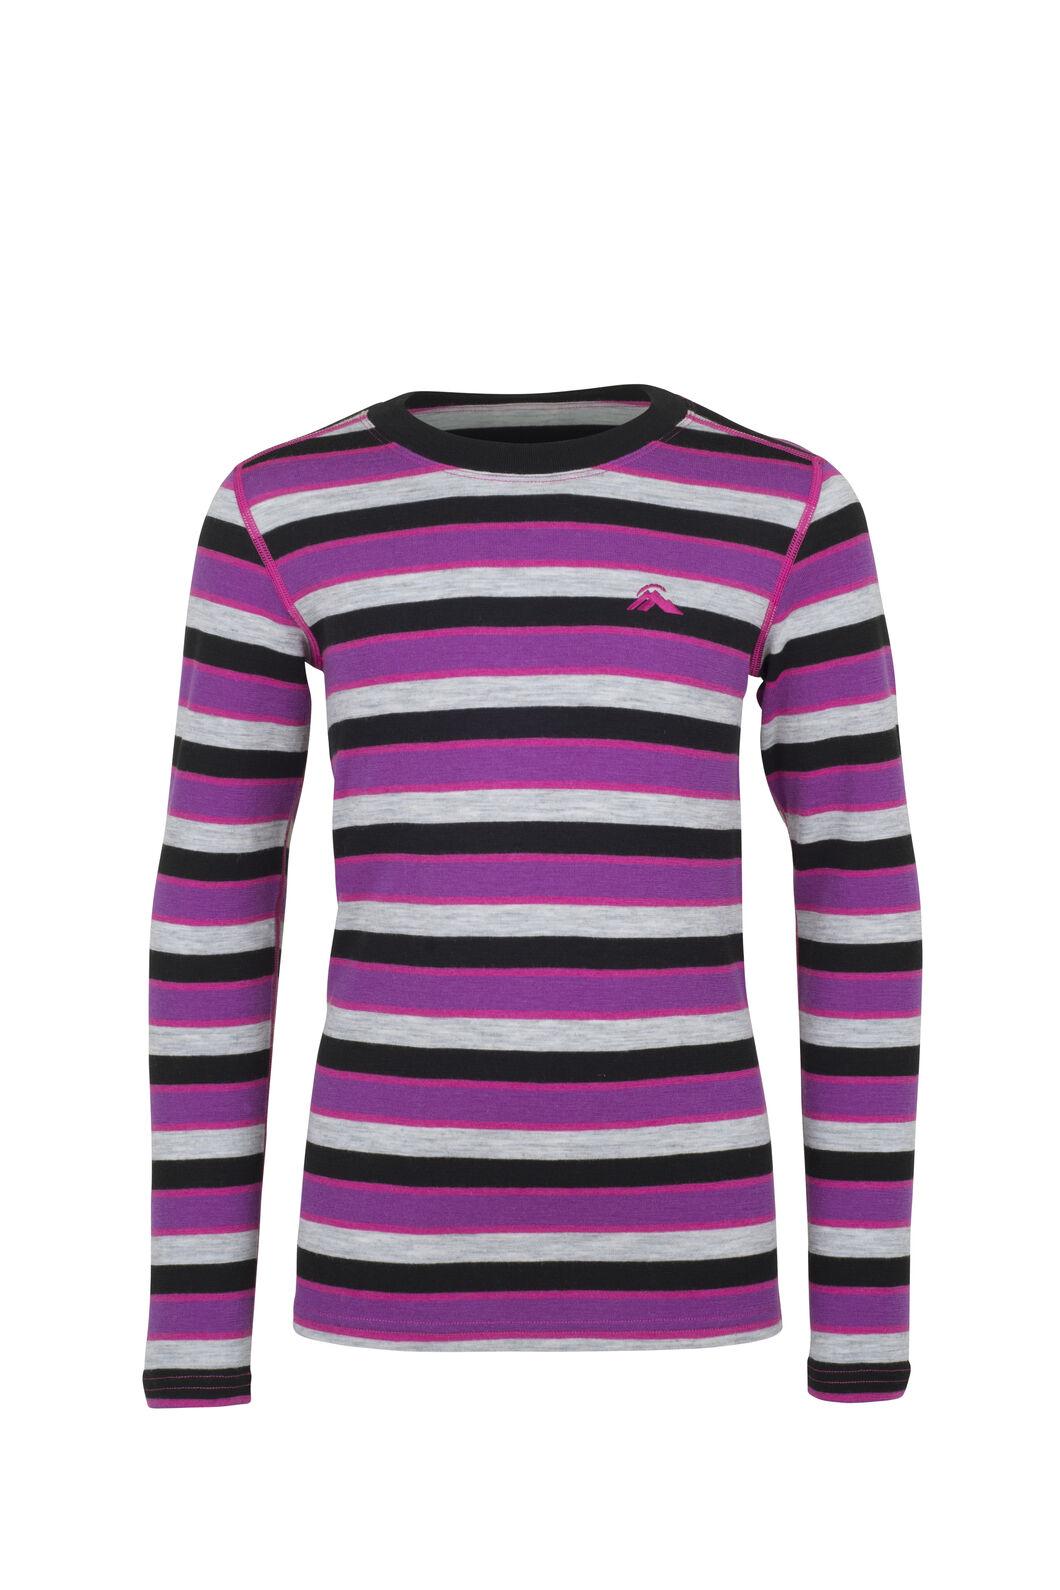 Macpac 220 Merino Long Sleeve Top — Kids', Purple Stripe, hi-res